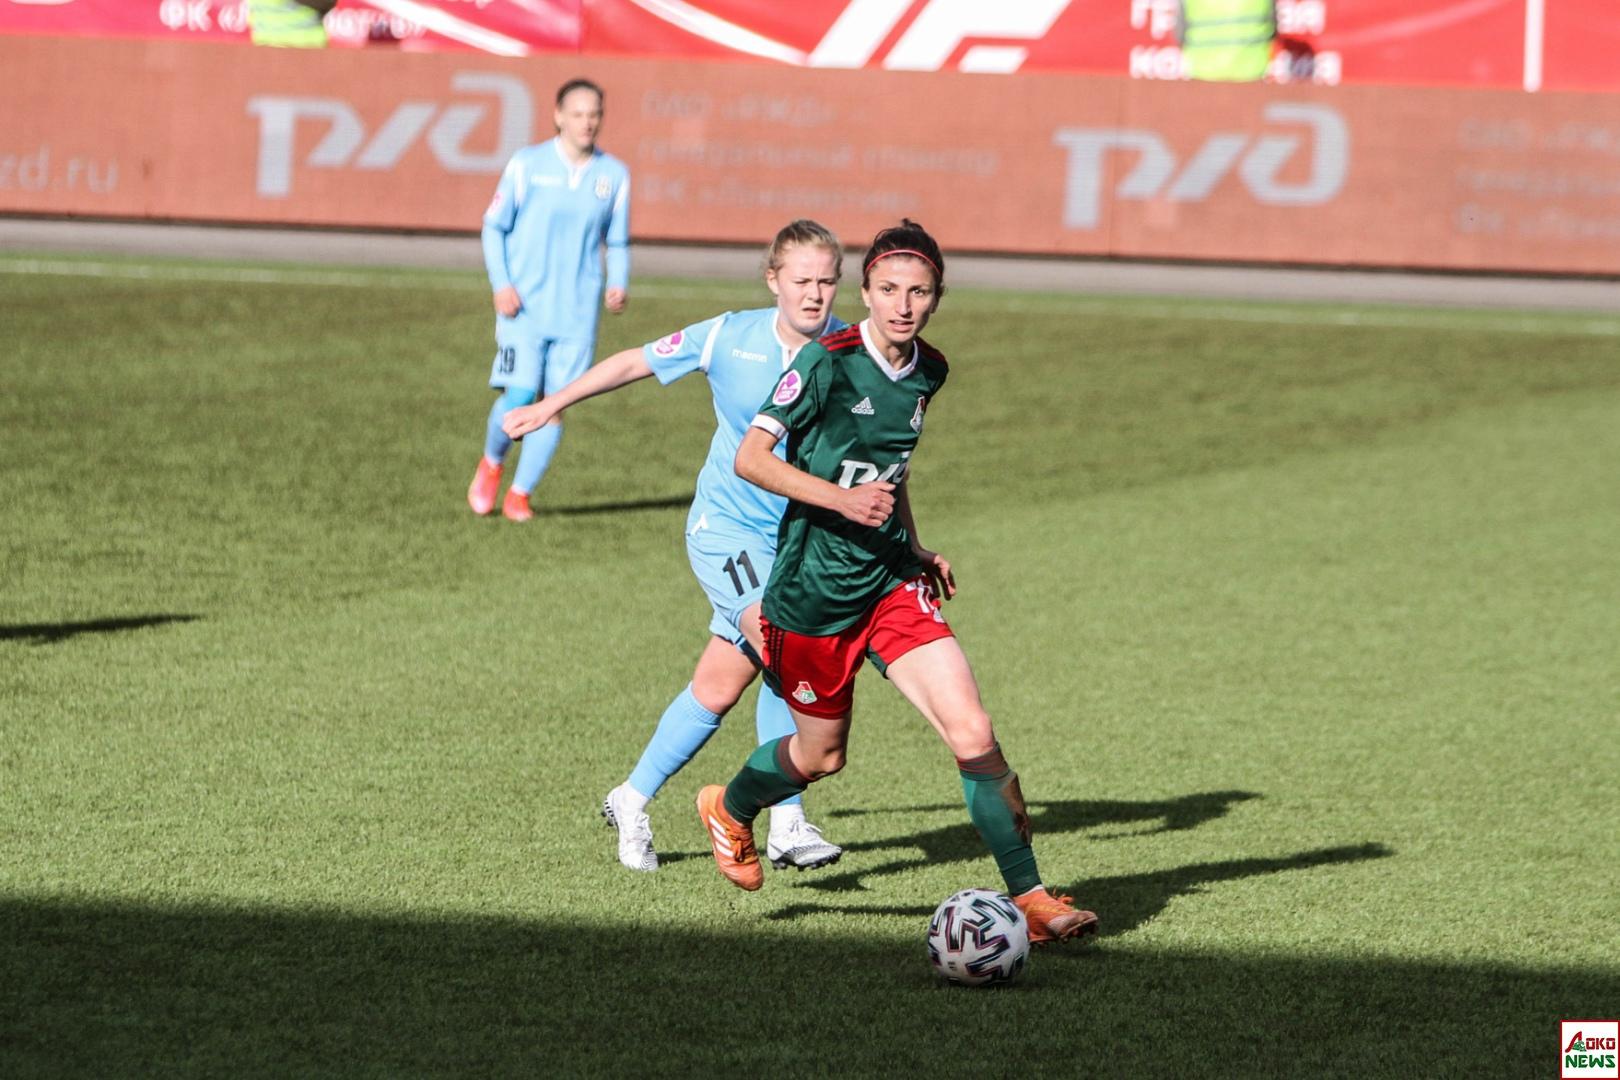 ЖФК Локомотив - Рязань-ВДВ. Фото: Дмитрий Бурдонов / Loko.News